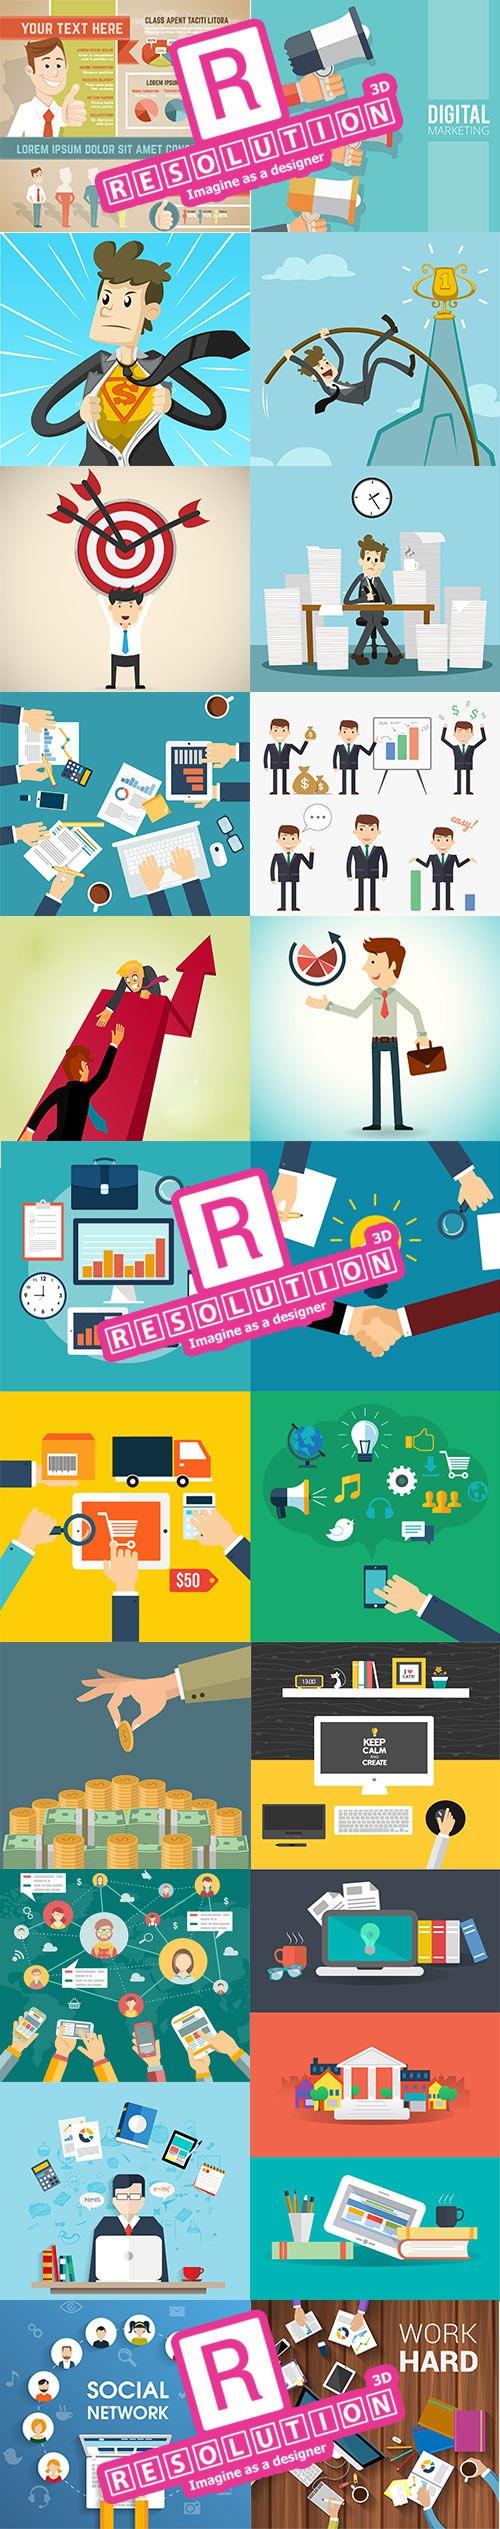 25 فيكتور لإستخدامه فى ( التسويق، العمل الحر و إعلانات مصصمي الجرافيك )